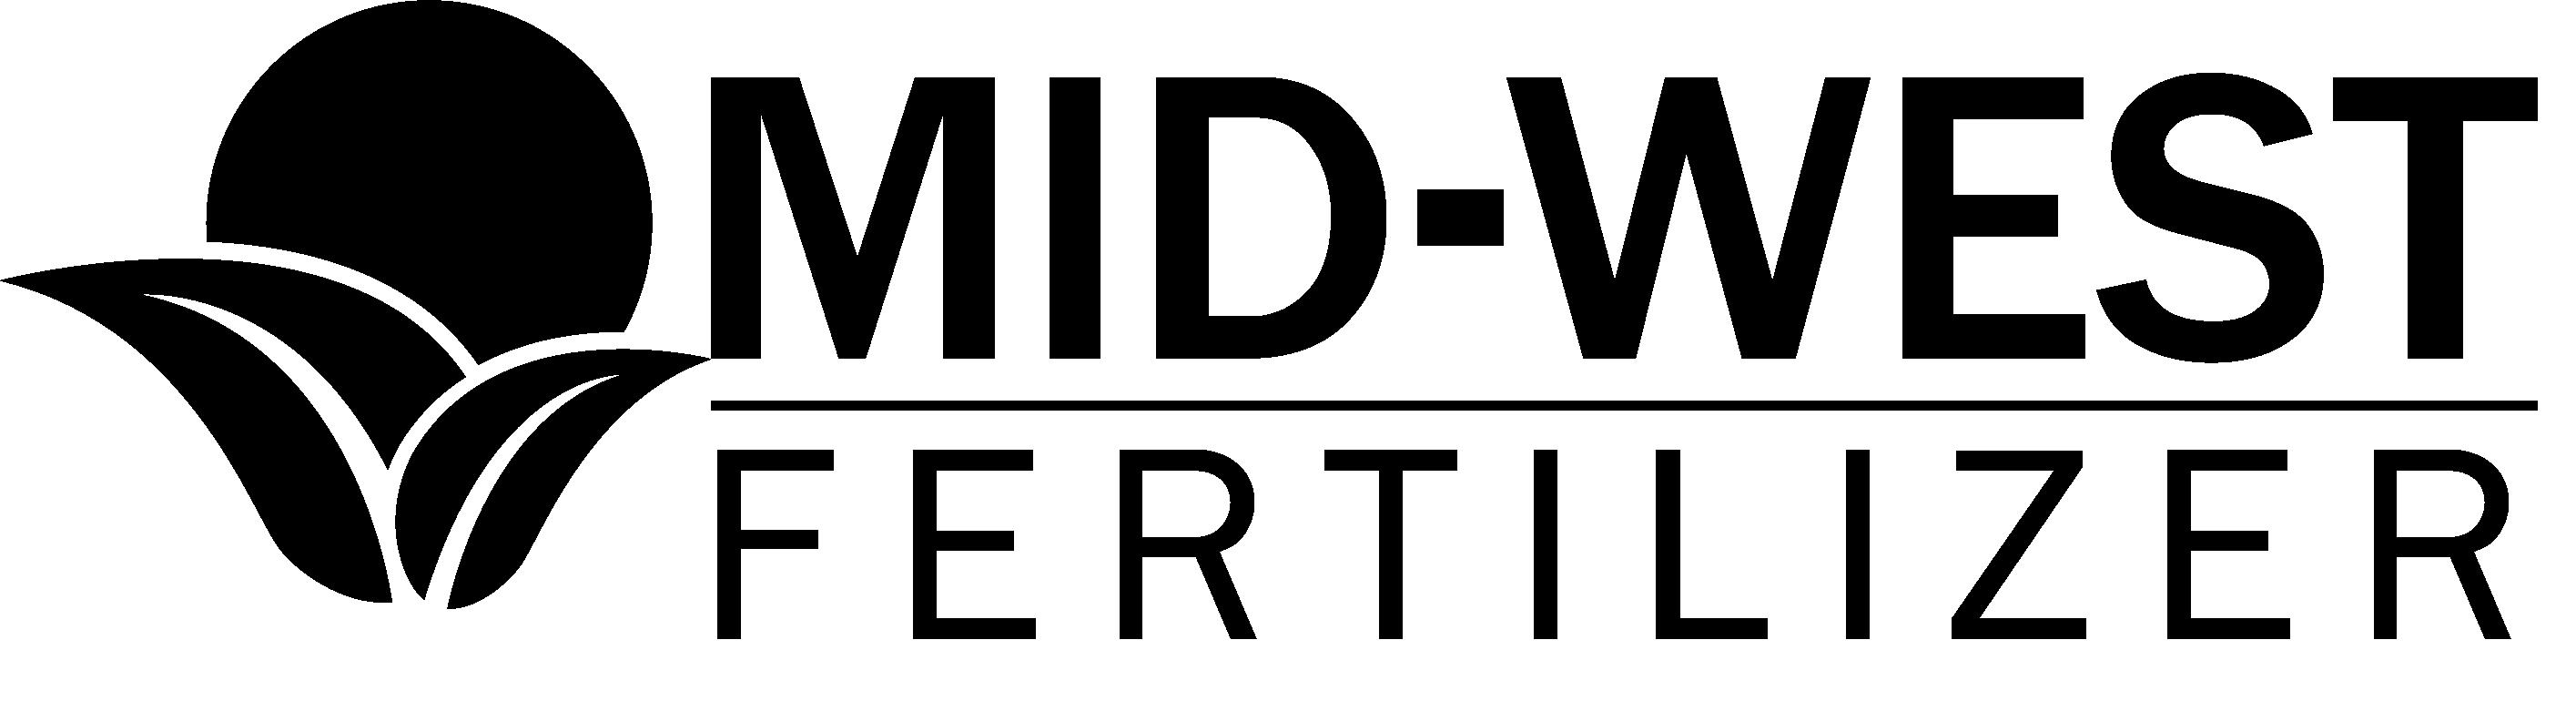 Mid-West Fertilizer